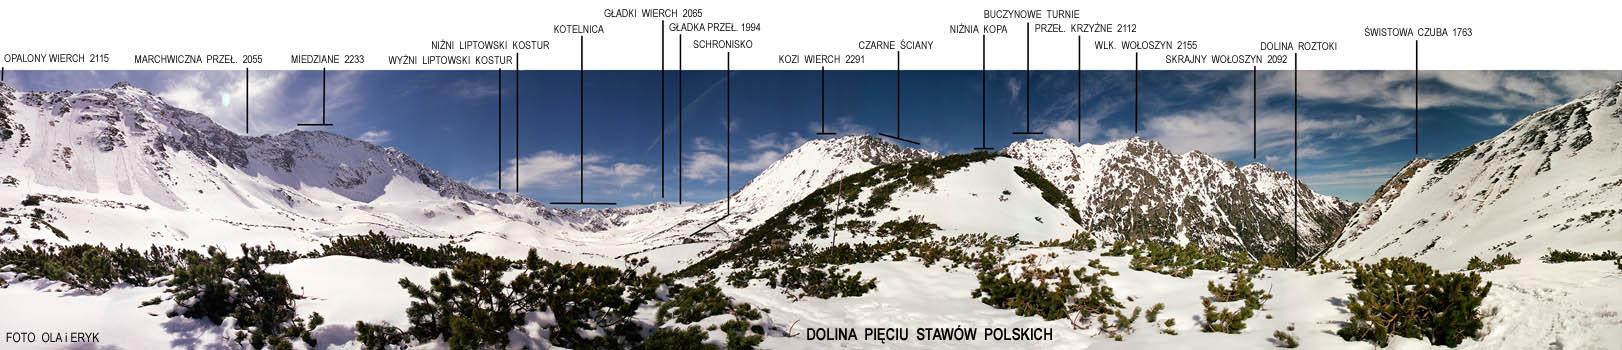 Panorama Z Doliny Pięciu Staw 243 W Polskich